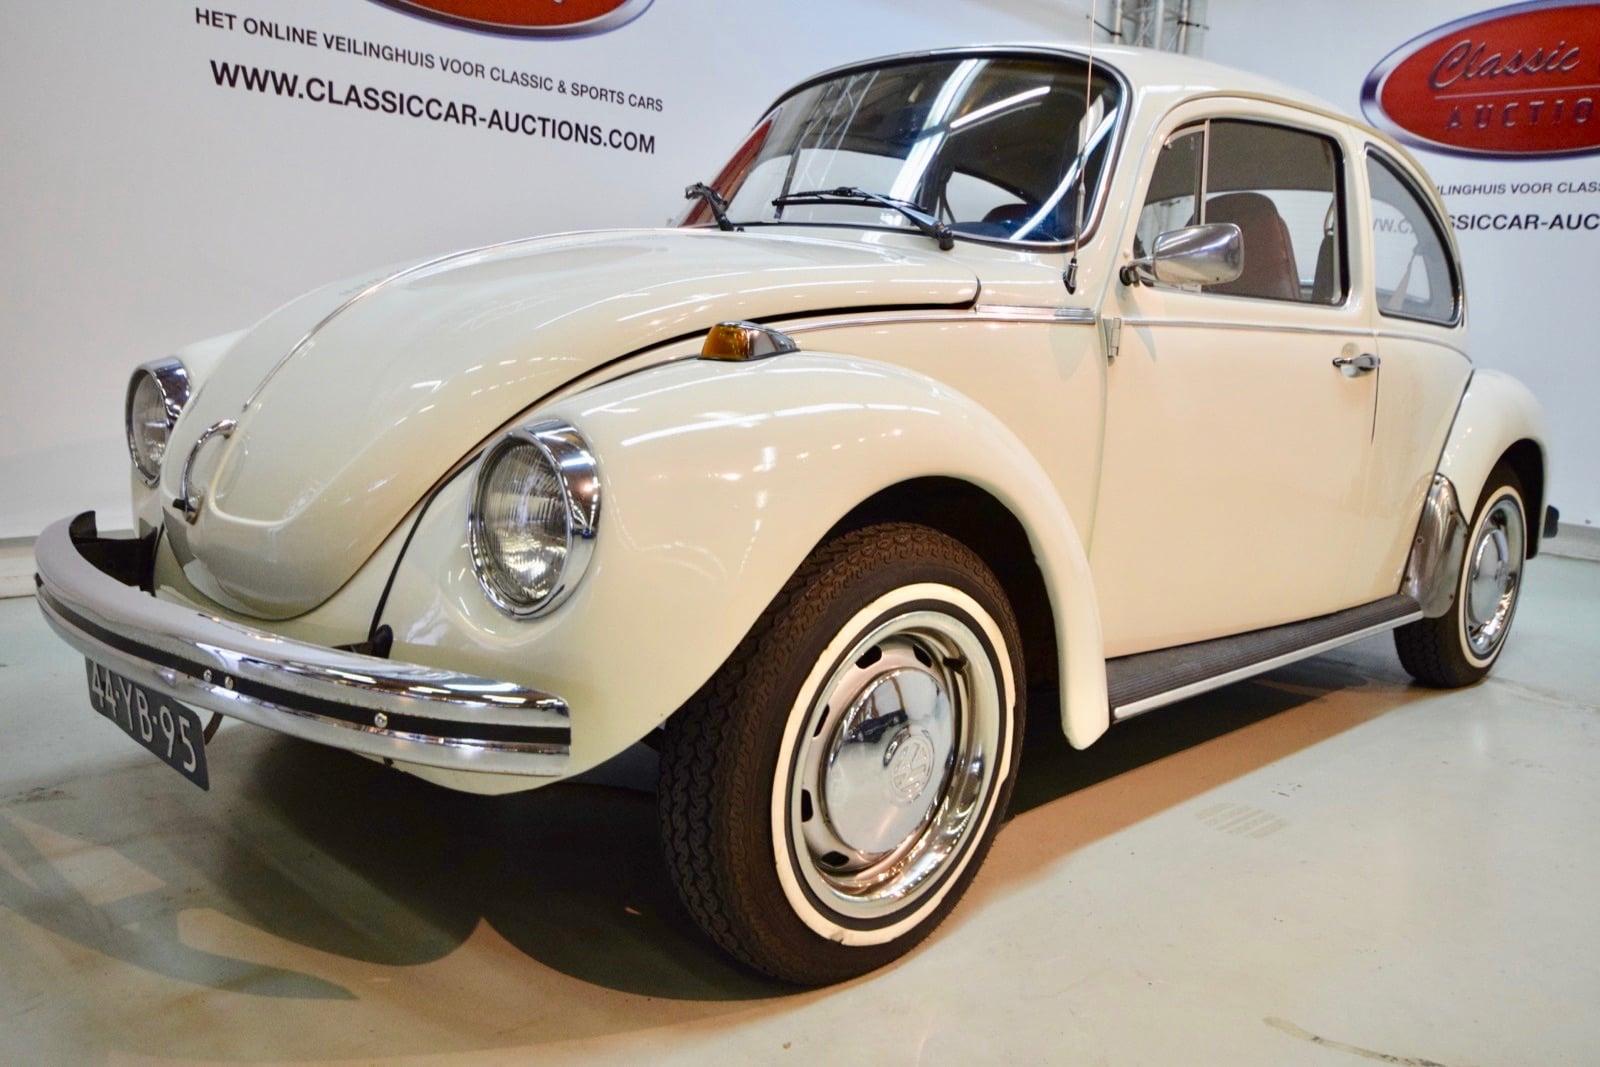 1973 Vw Beetle Vintage Car For Sale